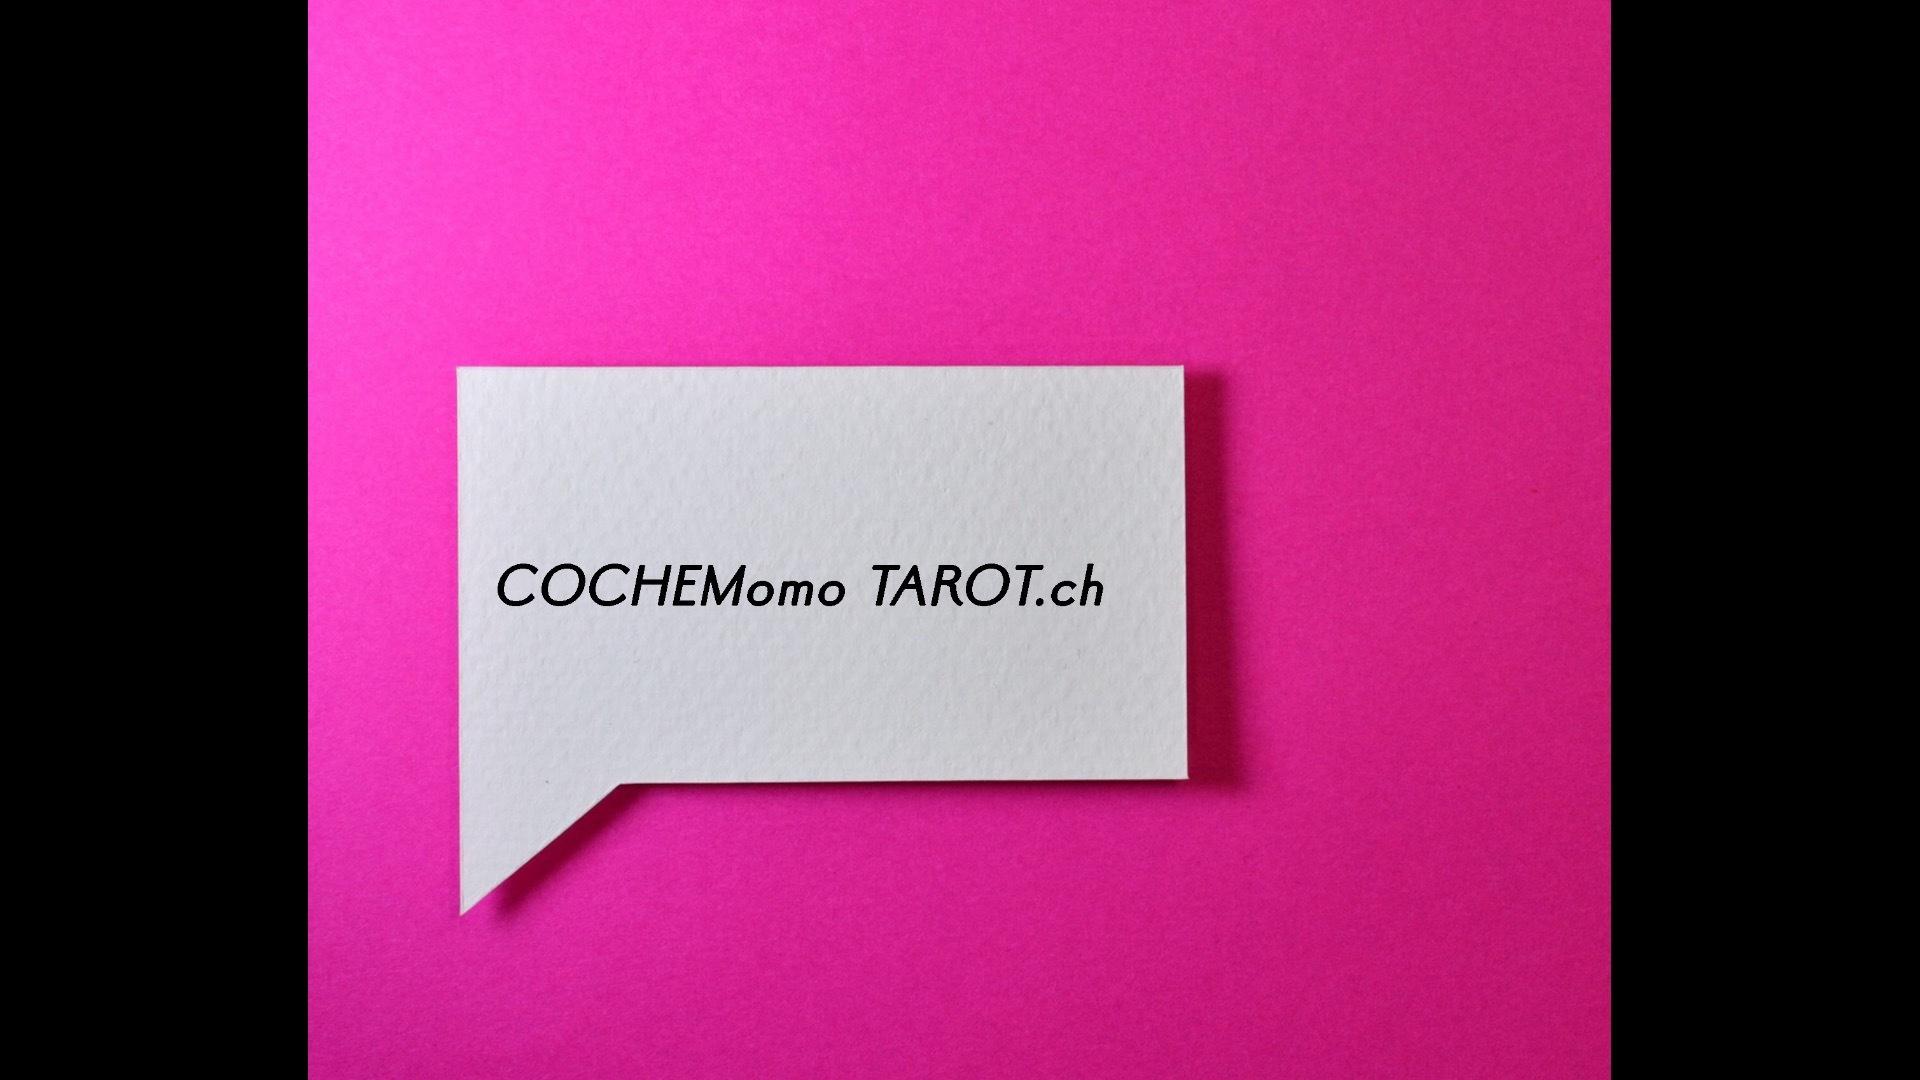 COCHEMomo Tarot (コケモモ タロット)